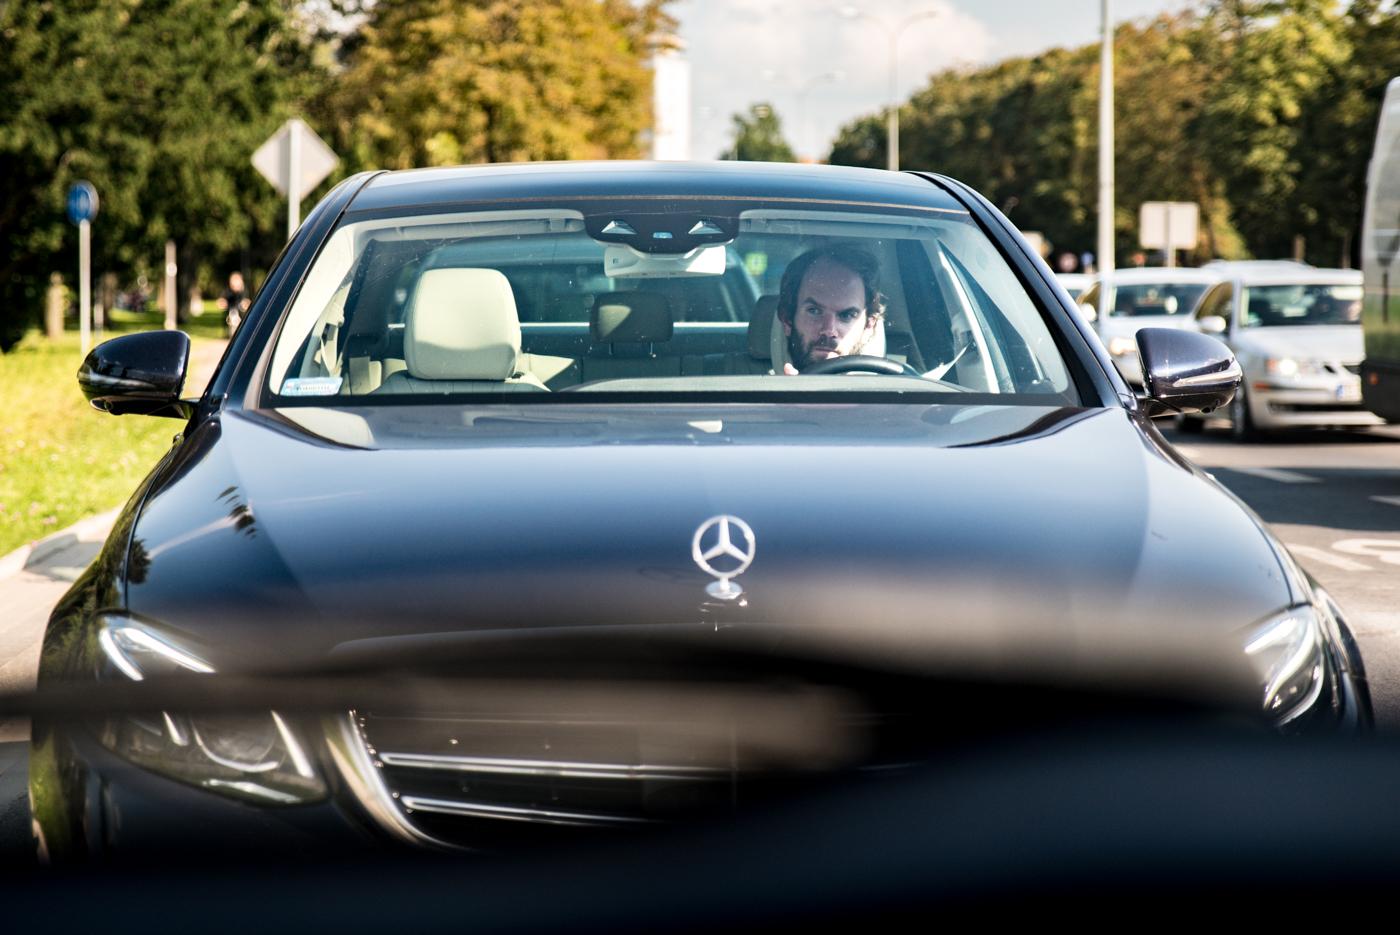 Uber zmienia kurs. Porozumienie z Daimlerem to zapowiedź czegoś naprawdę dużego